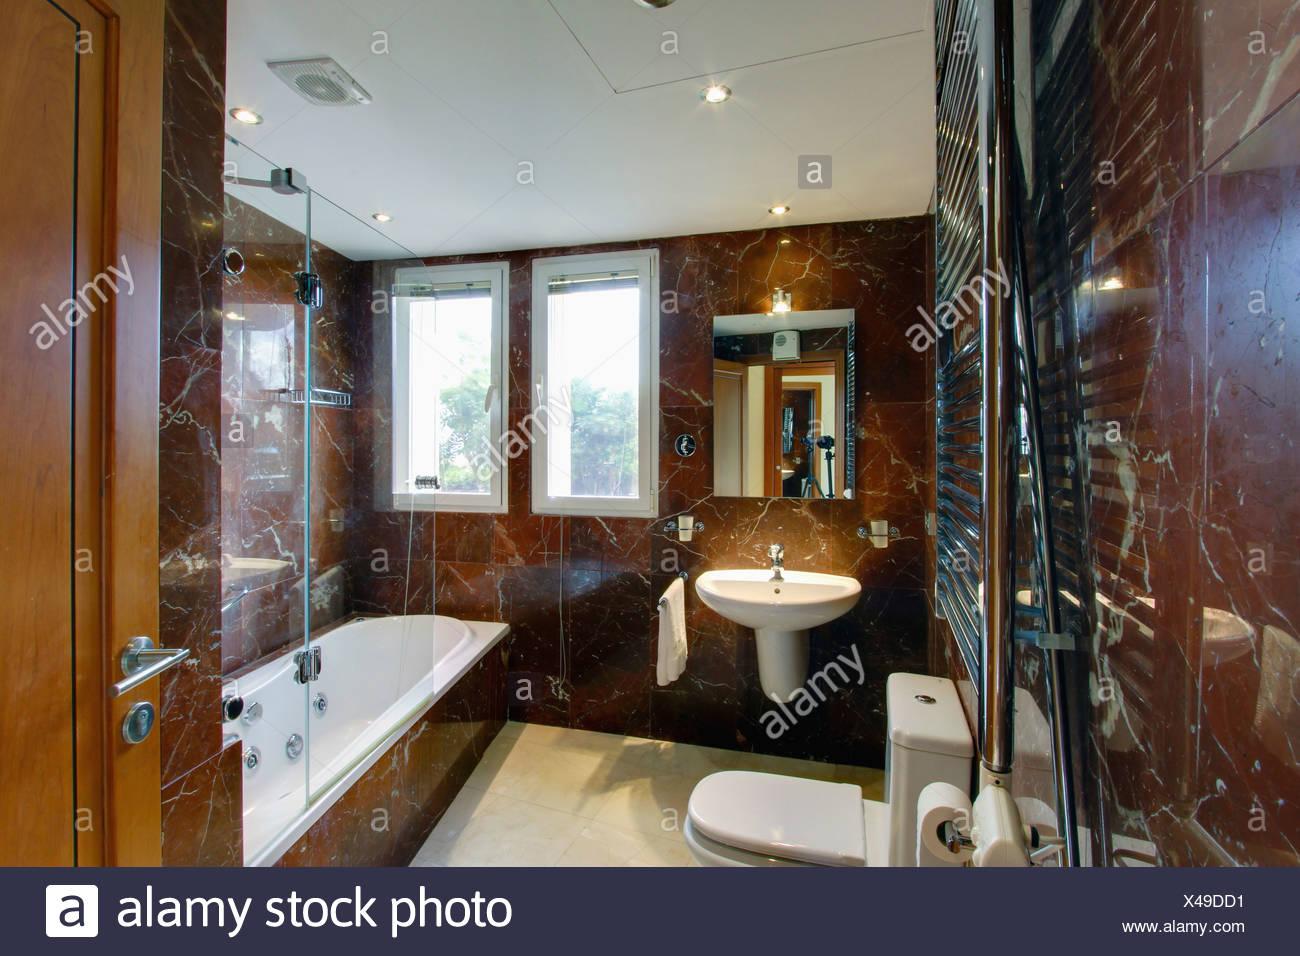 Piastrella acacia ikea mobile bagno con lavabo appoggio lavabo